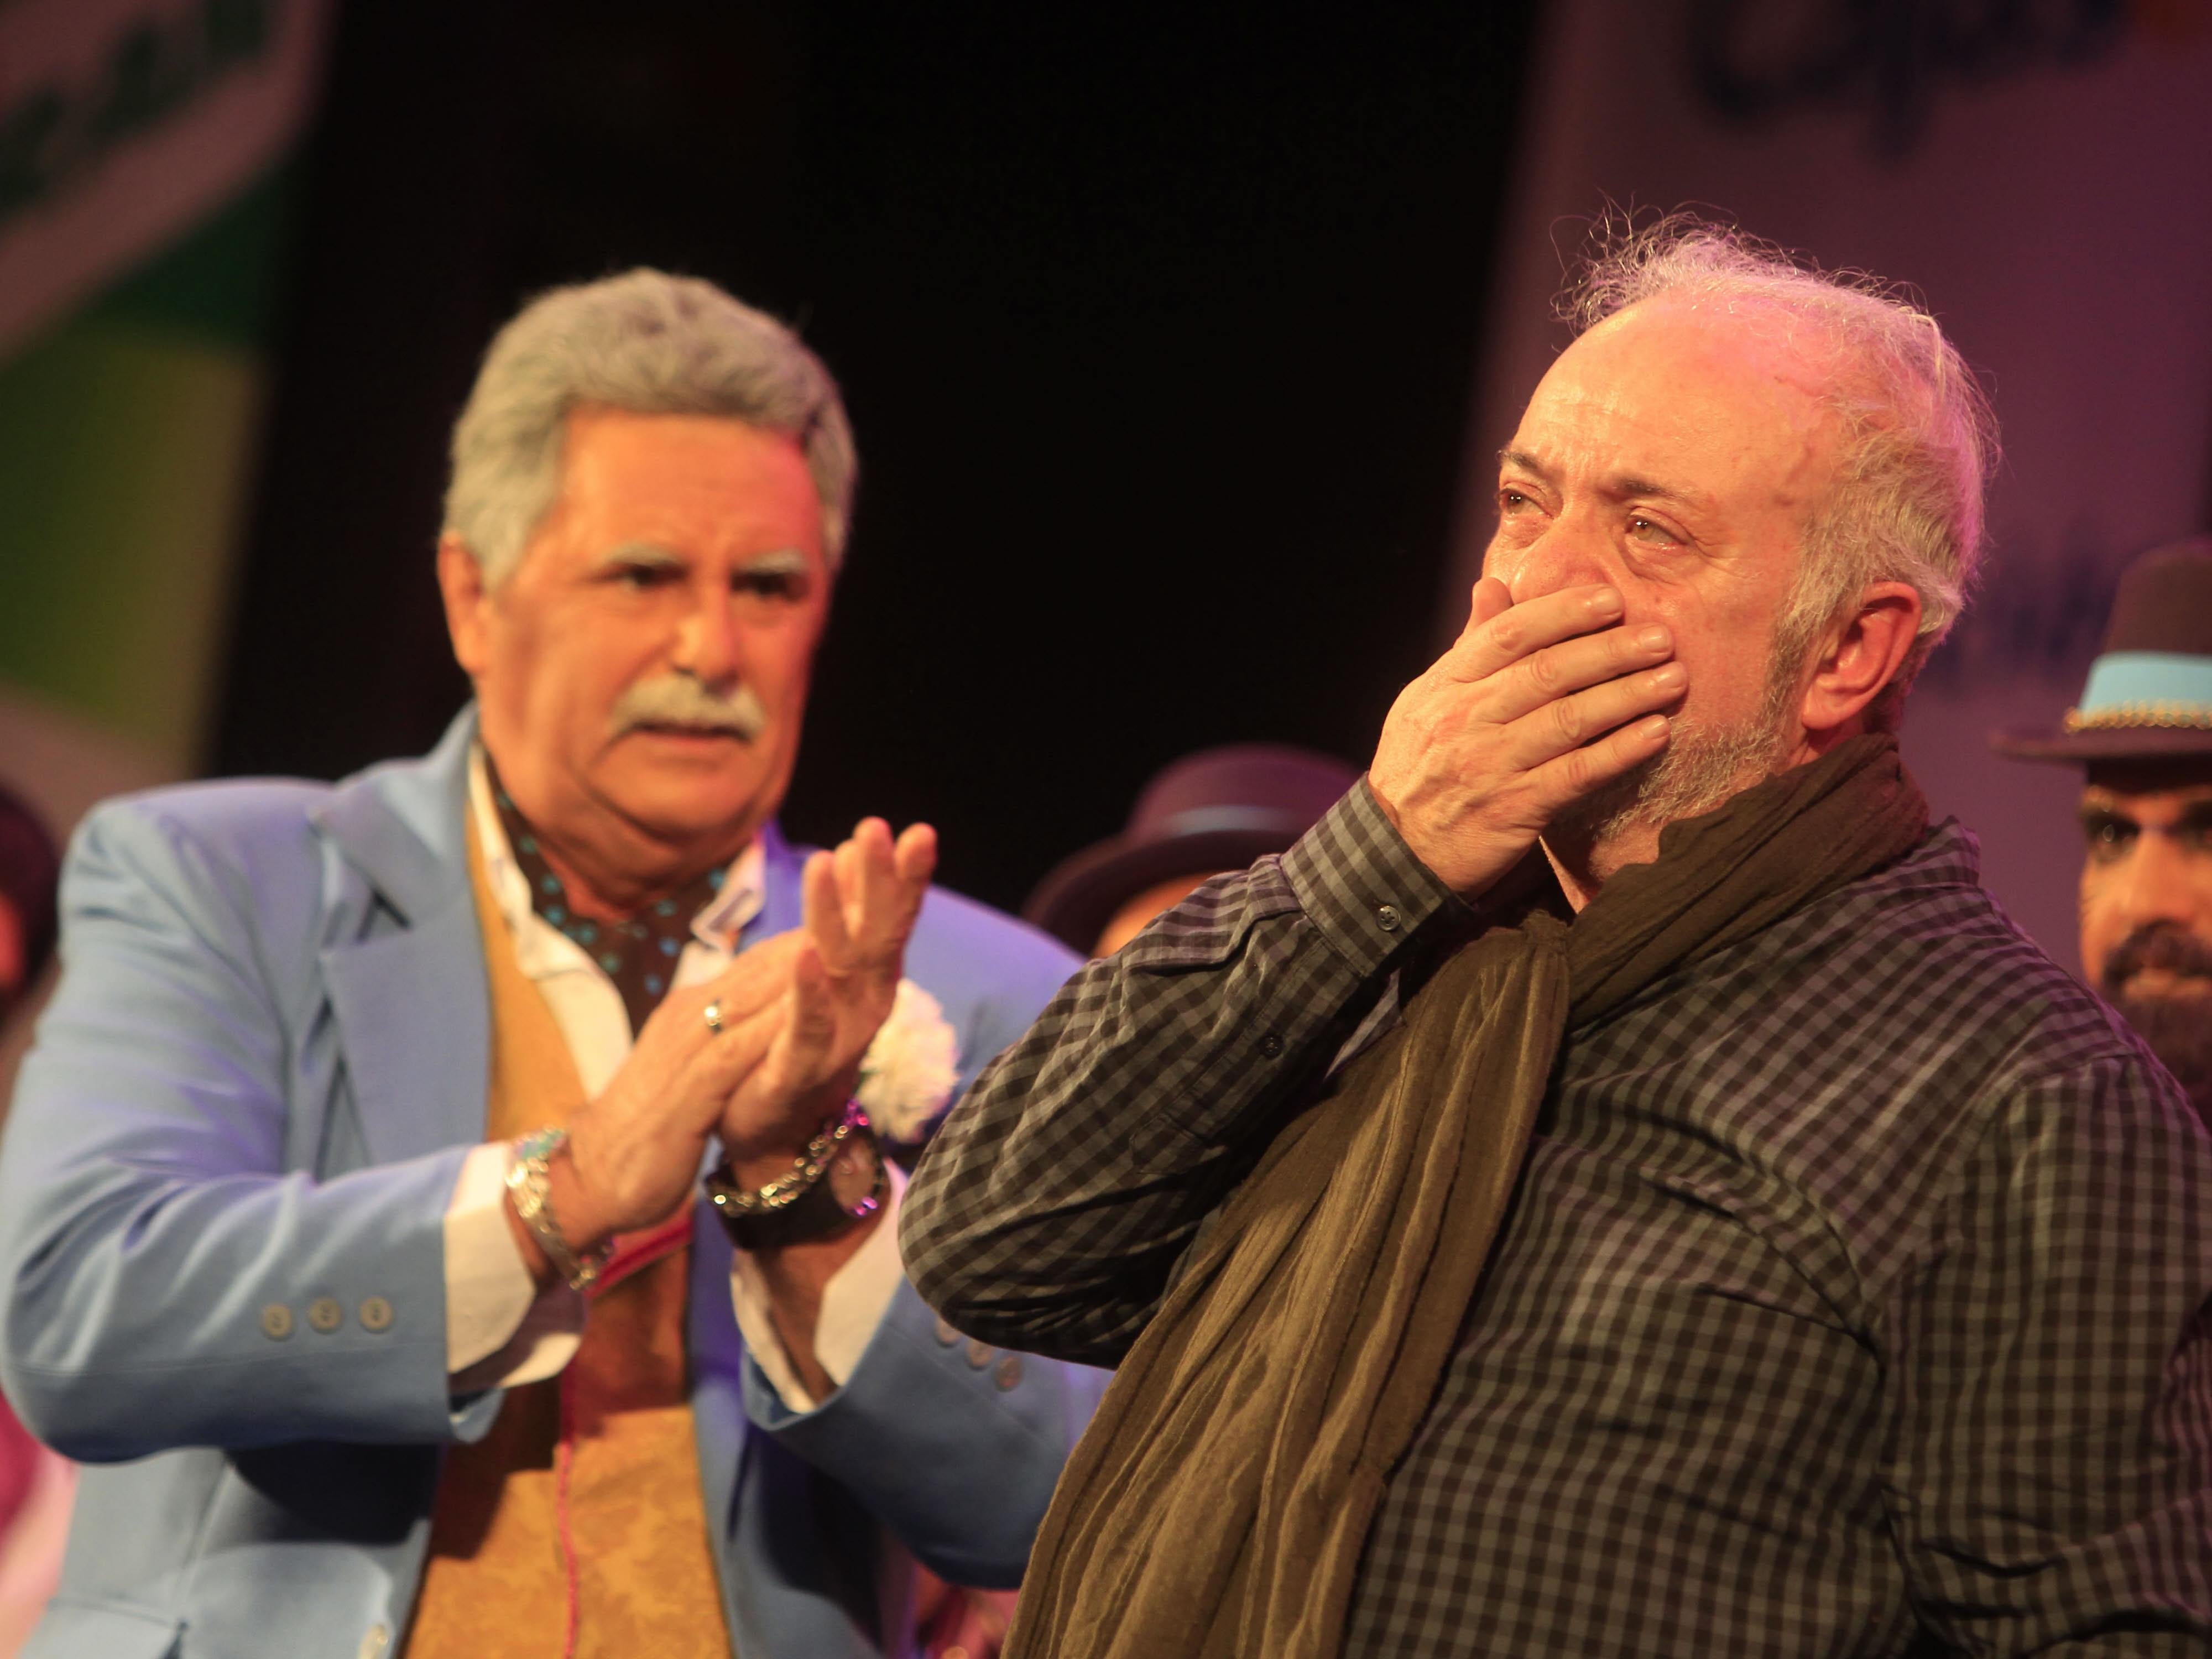 La comparsa de Antonio Martín 'Ley de Vida' actuará como invitada a la Final